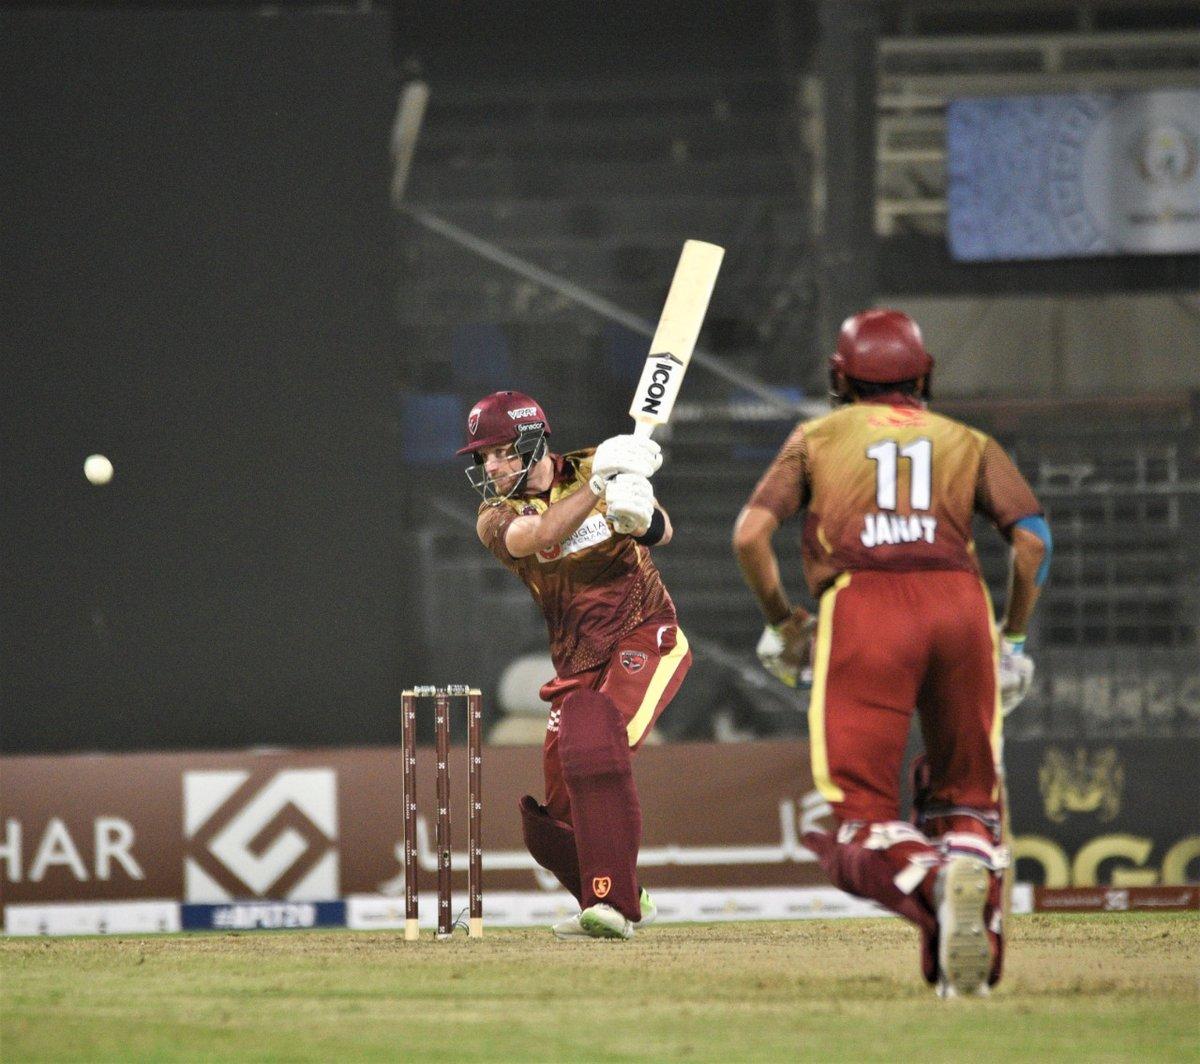 APL 2018: 6 6 6 के मदद से राशिद  खान ने खेली तूफानी पारी, मात्र 8 गेंदों में जीता दिया टीम को मैच 2